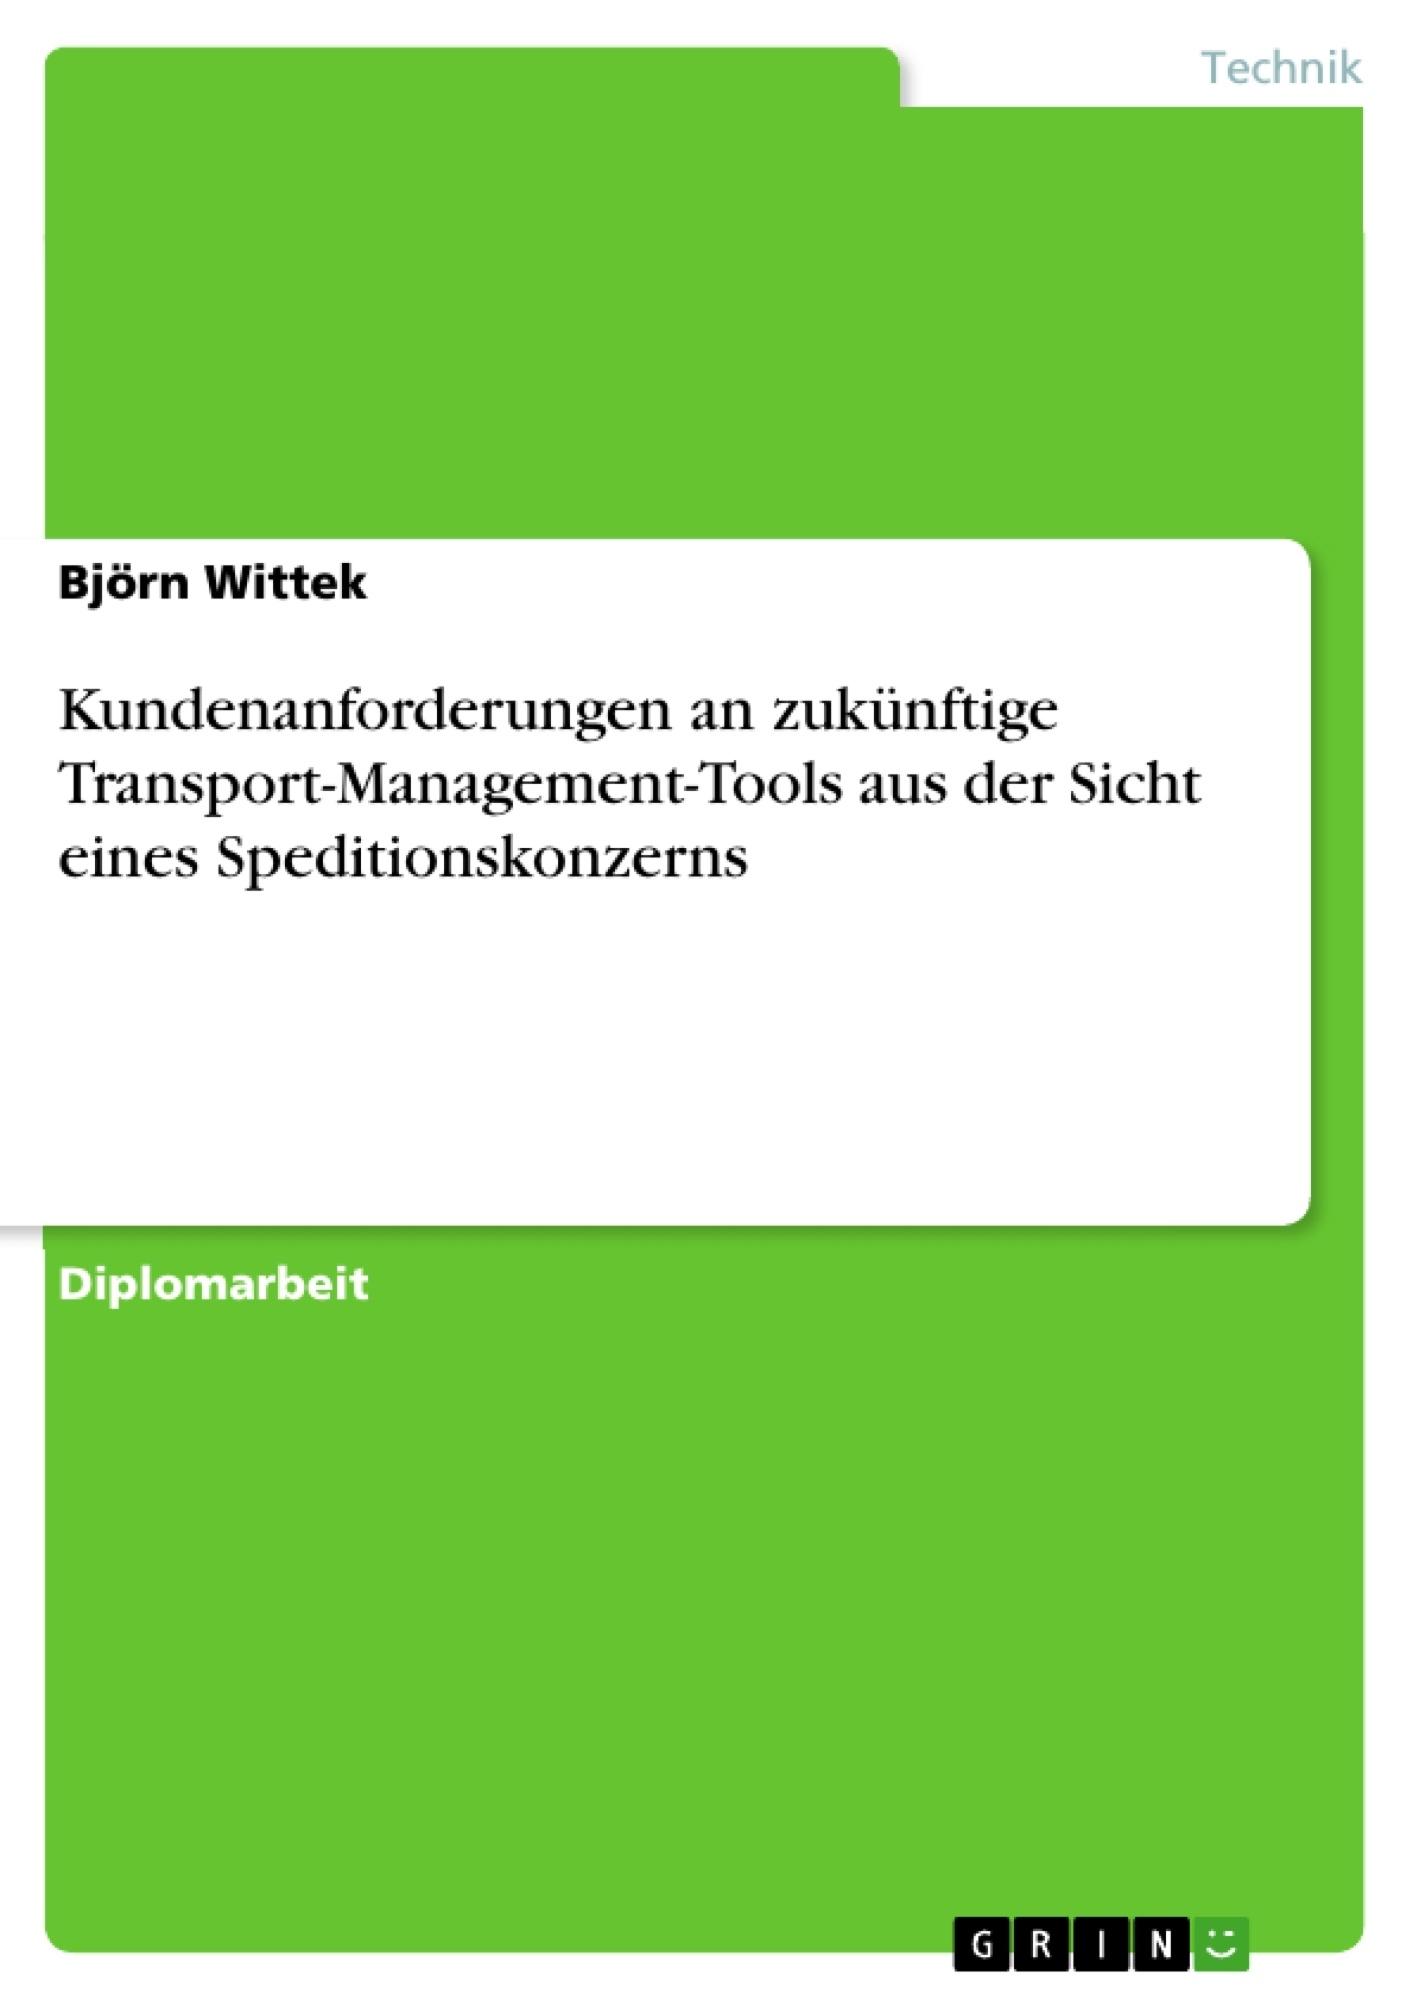 Titel: Kundenanforderungen an zukünftige Transport-Management-Tools aus der Sicht eines Speditionskonzerns